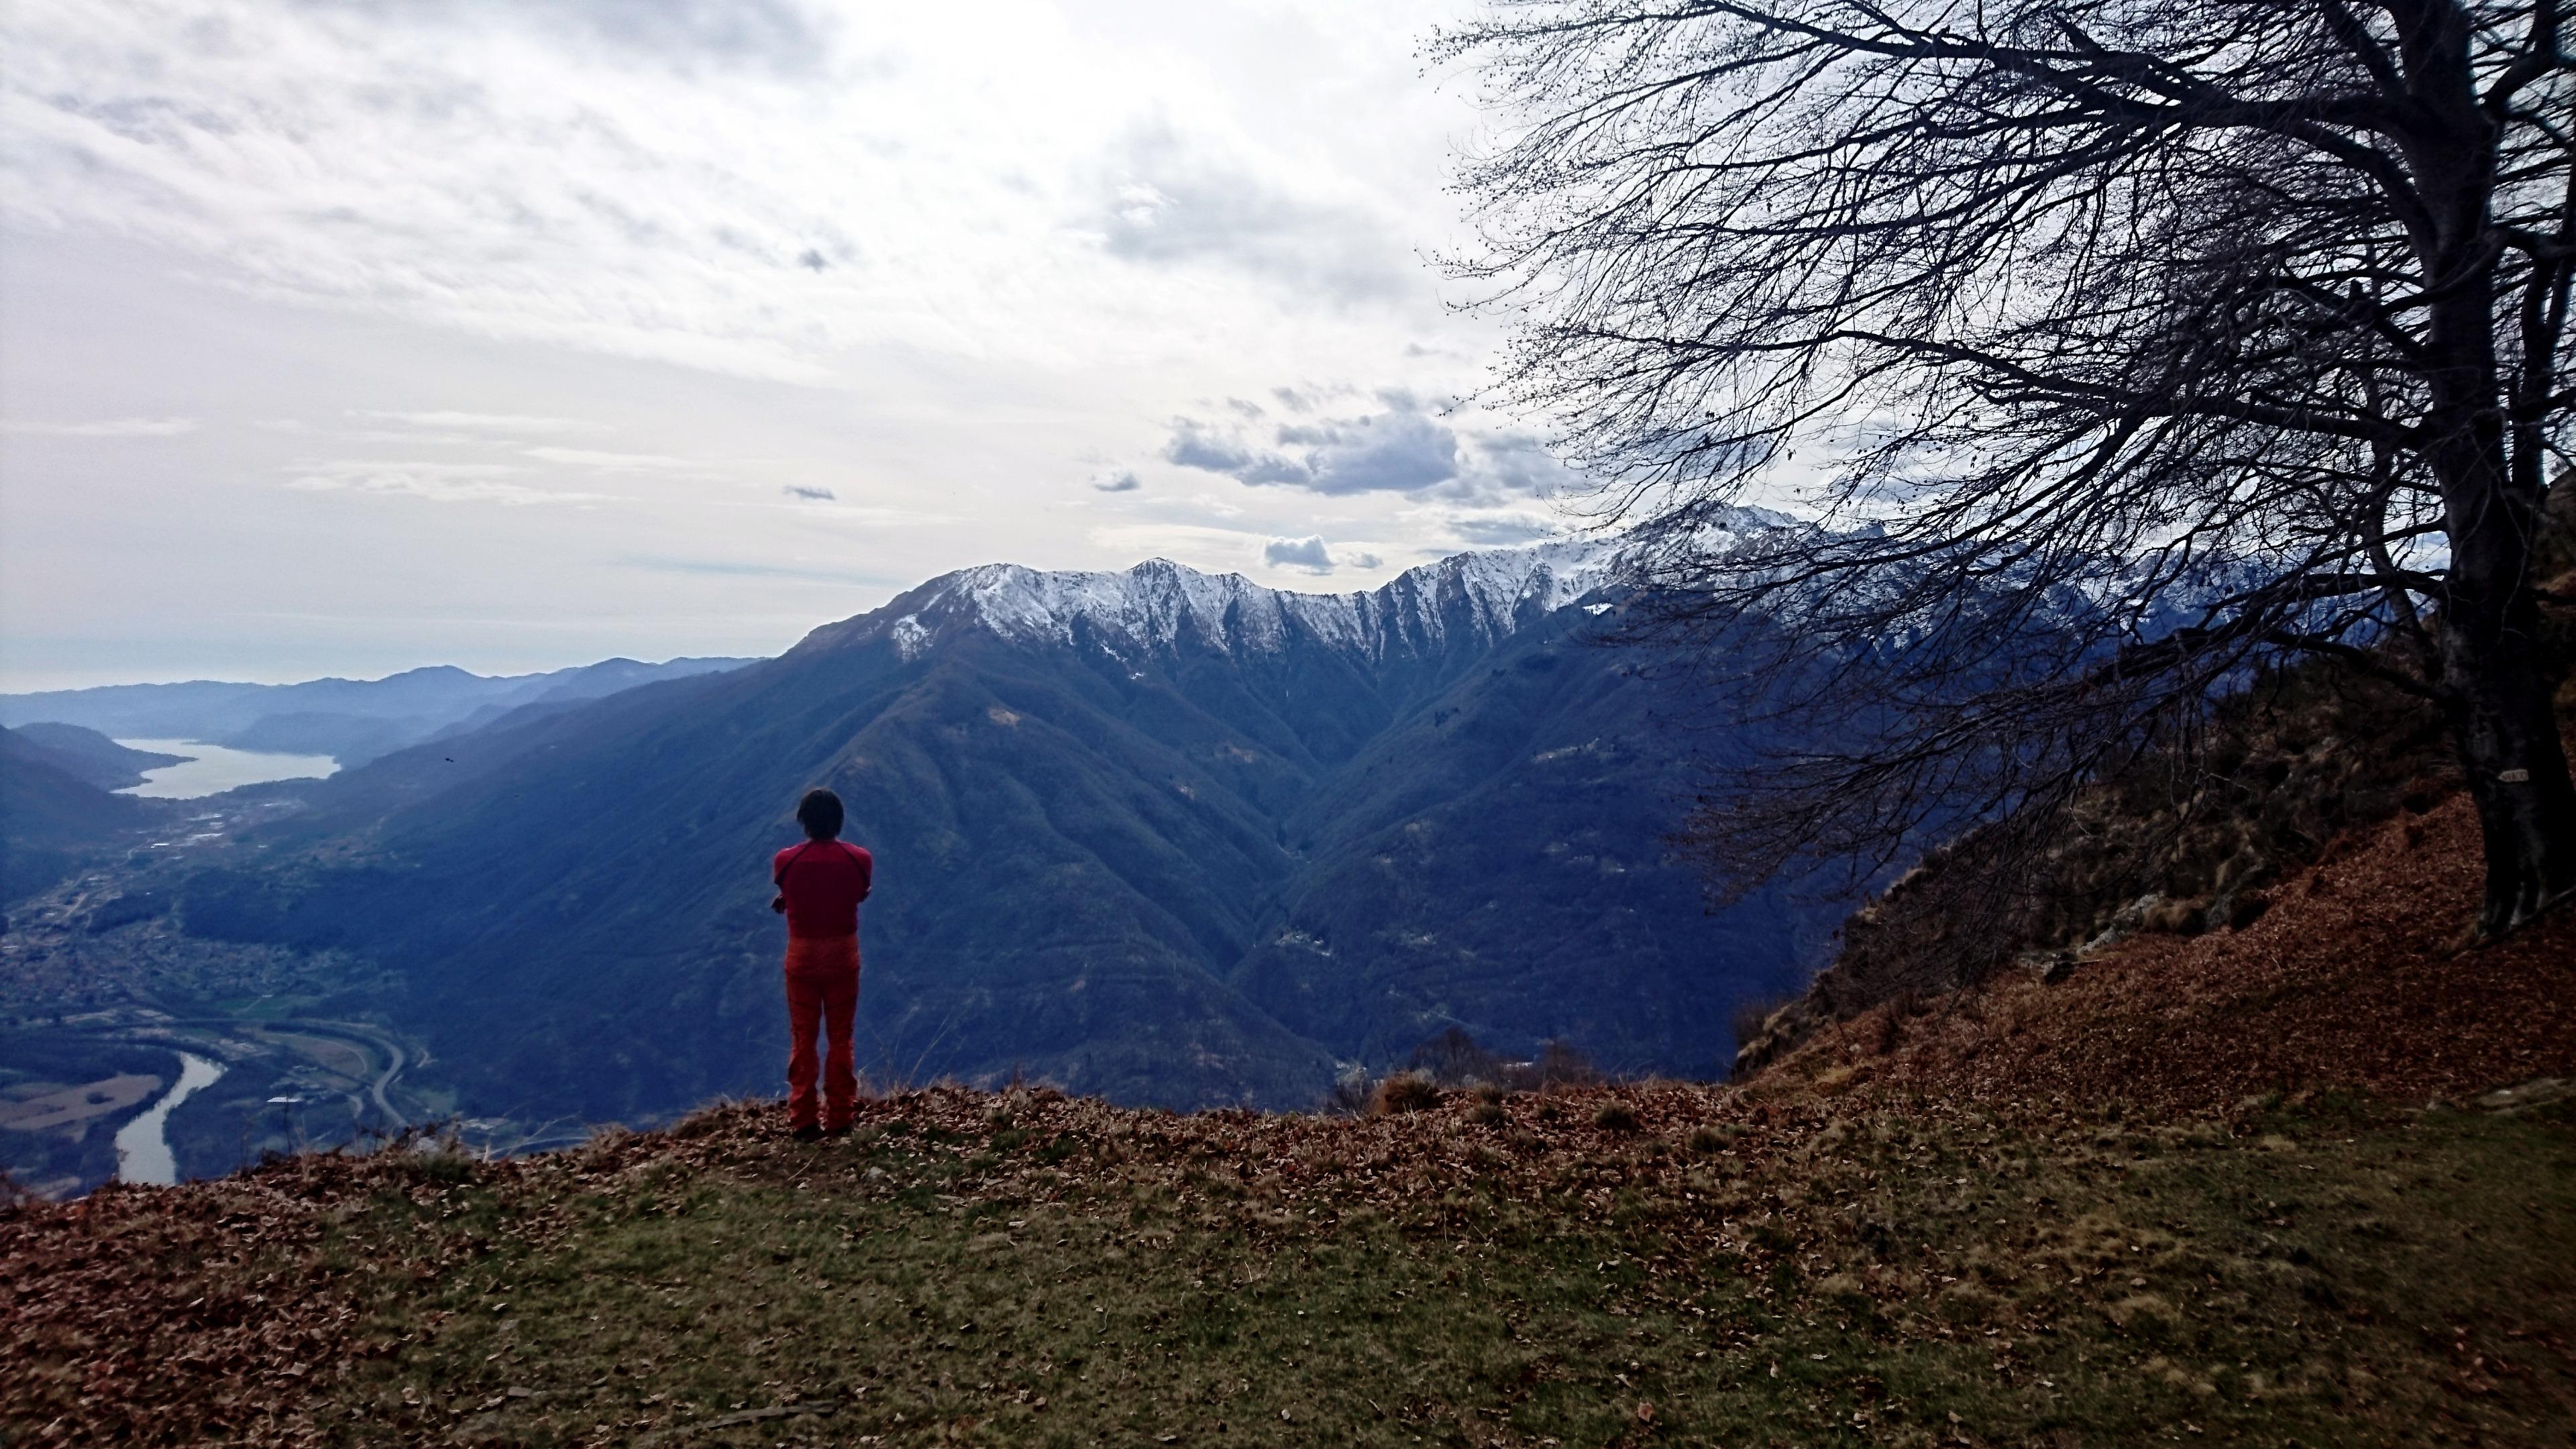 ultimo sguardo prima di proseguire verso la cima del Monte Fajè